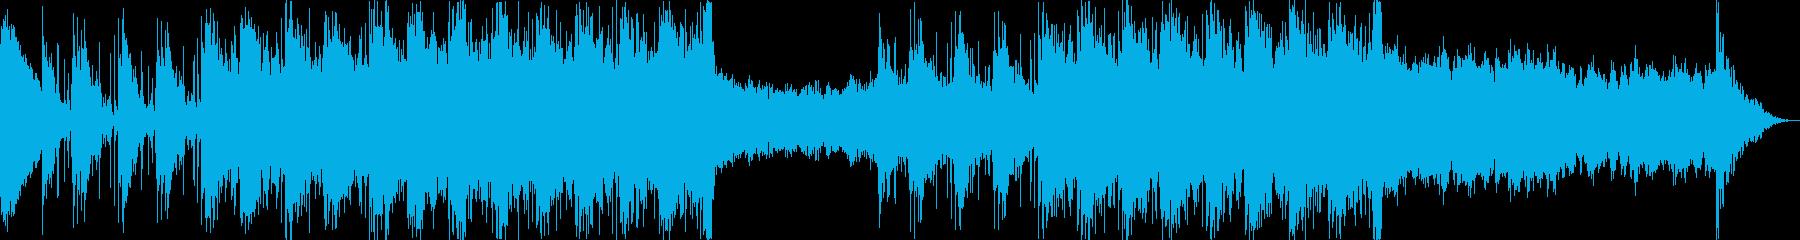 映画音楽、スピード感のある映像向け-03の再生済みの波形